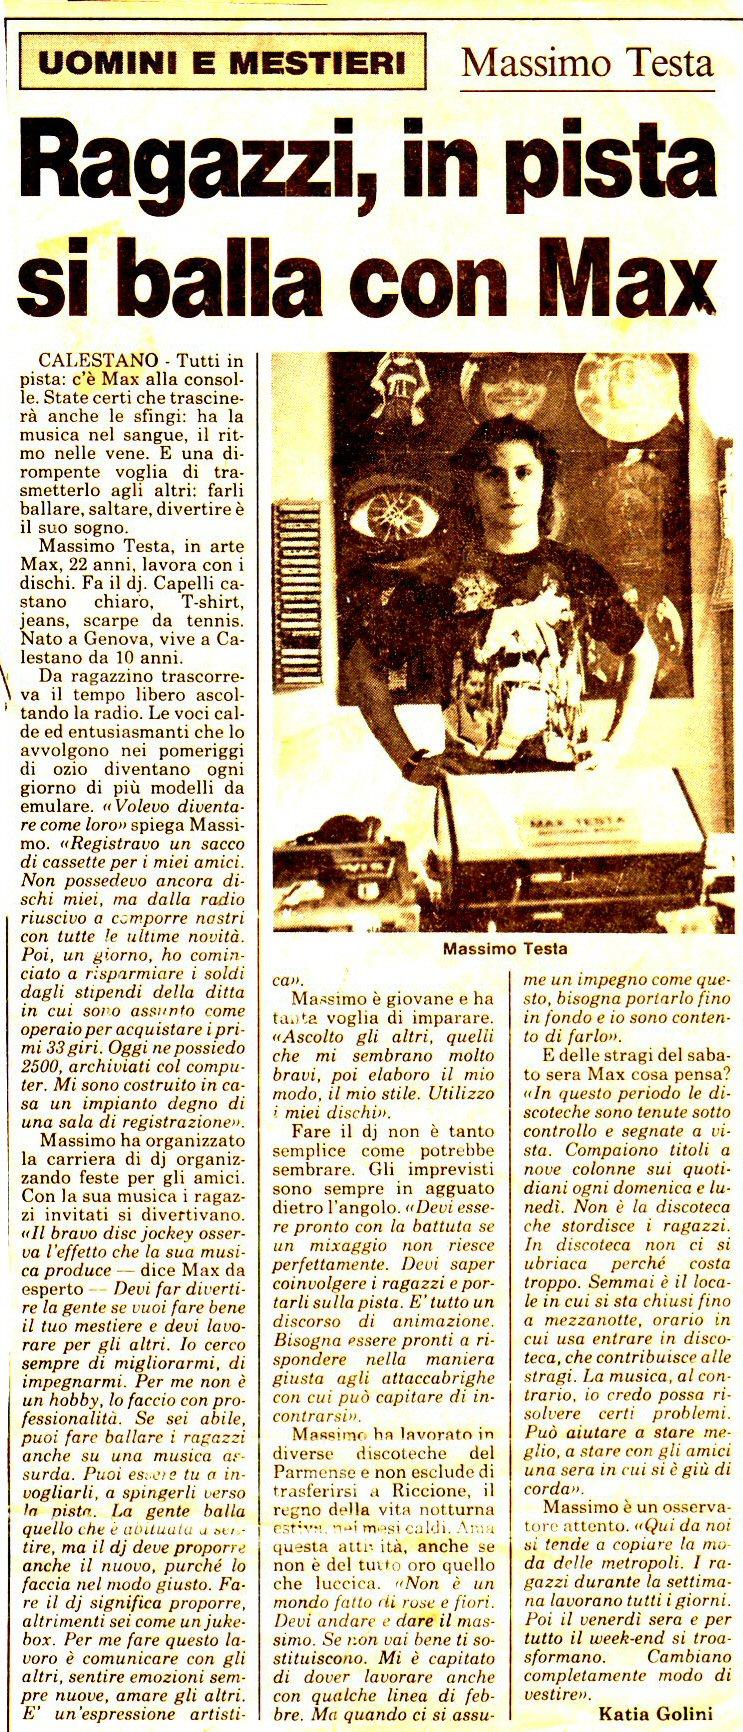 GAZZETTA DI PARMA Lunedi 5 luglio 1993 Rassegna1